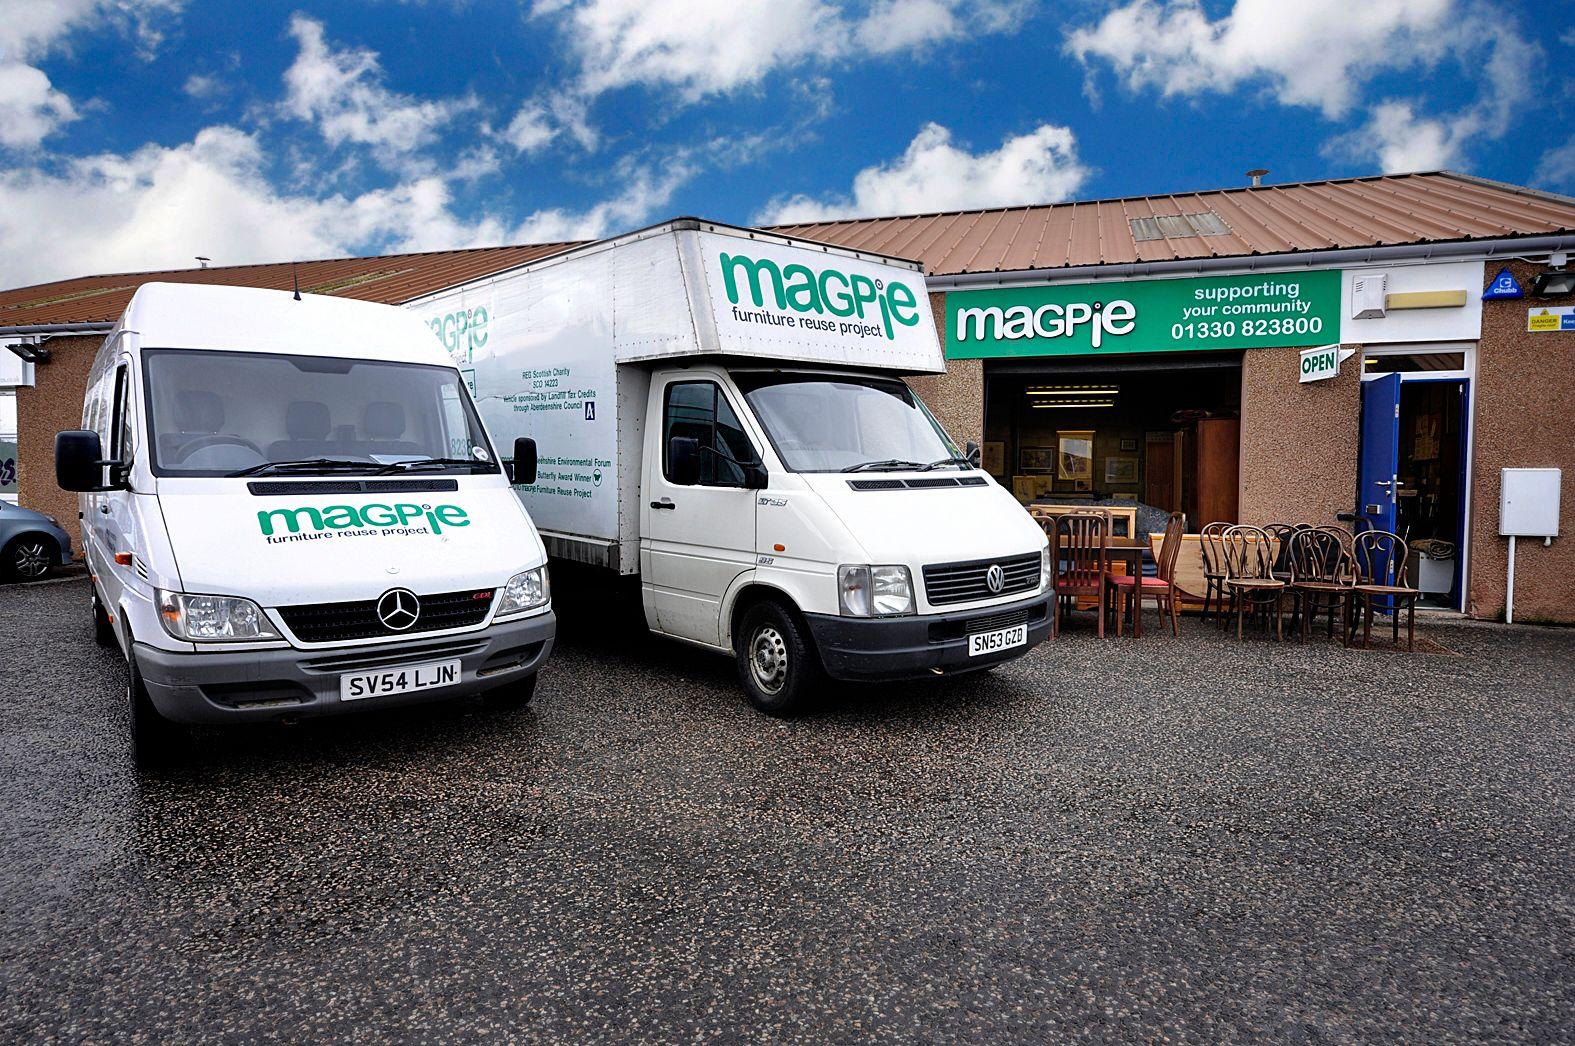 Magpie shop